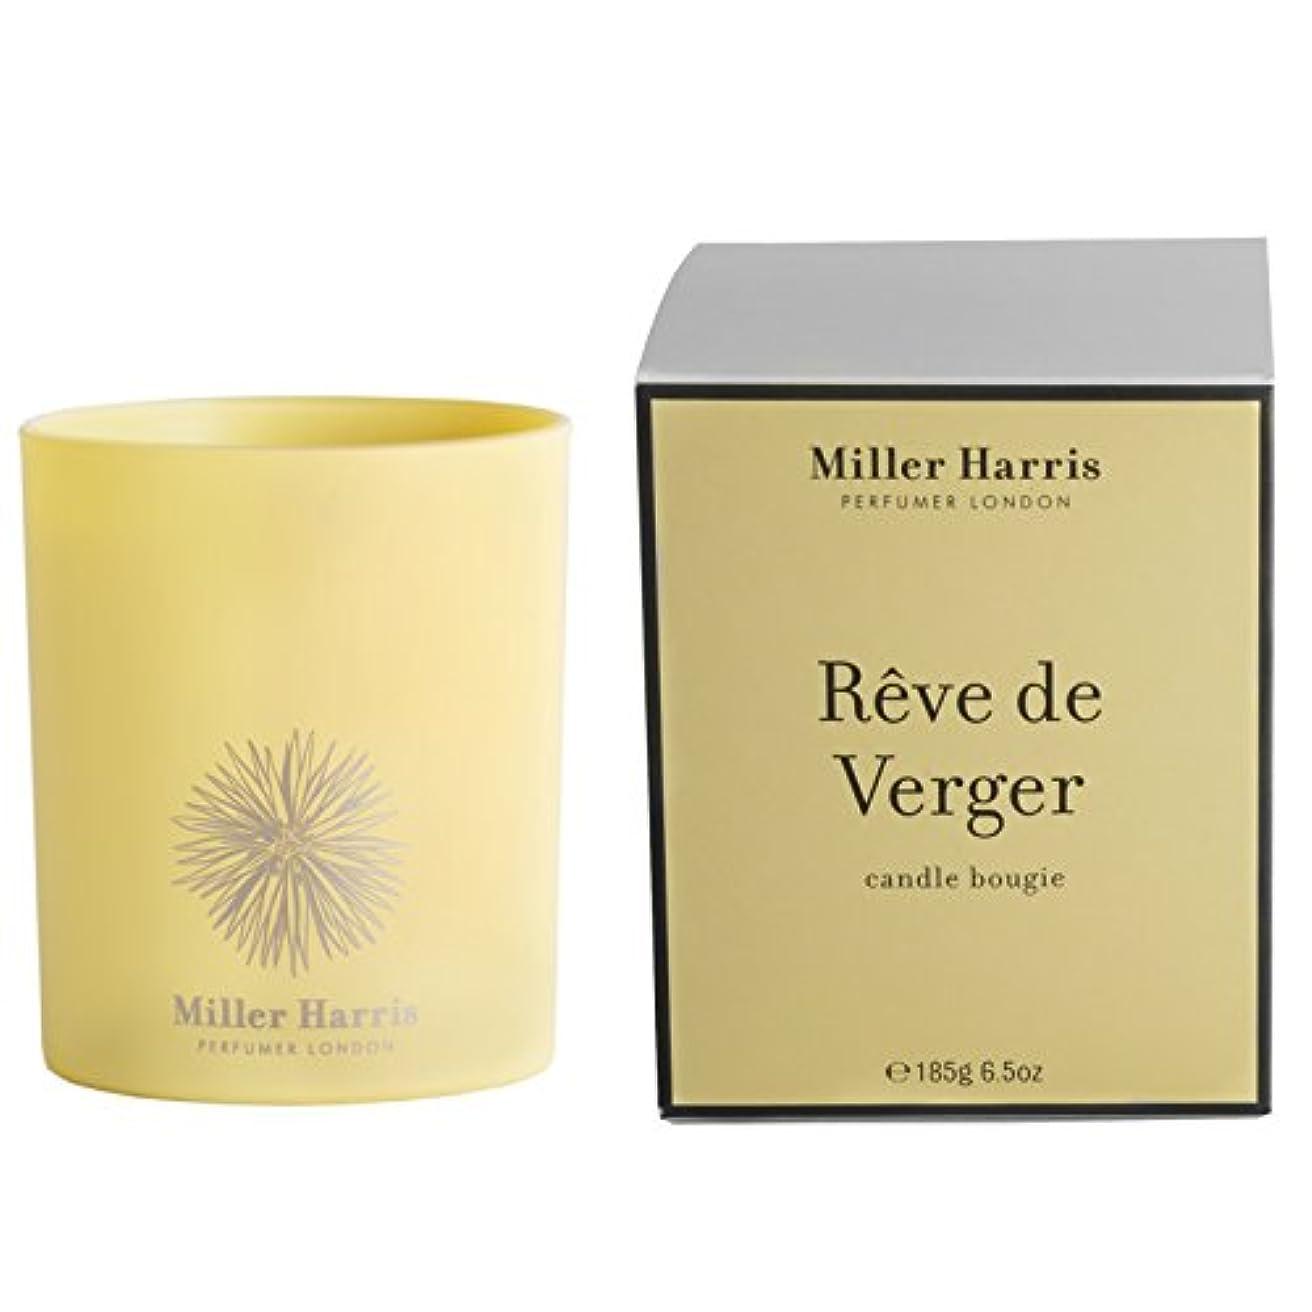 スイッチ愛情トランジスタミラーハリス Candle - Reve De Verger 185g/6.5oz並行輸入品